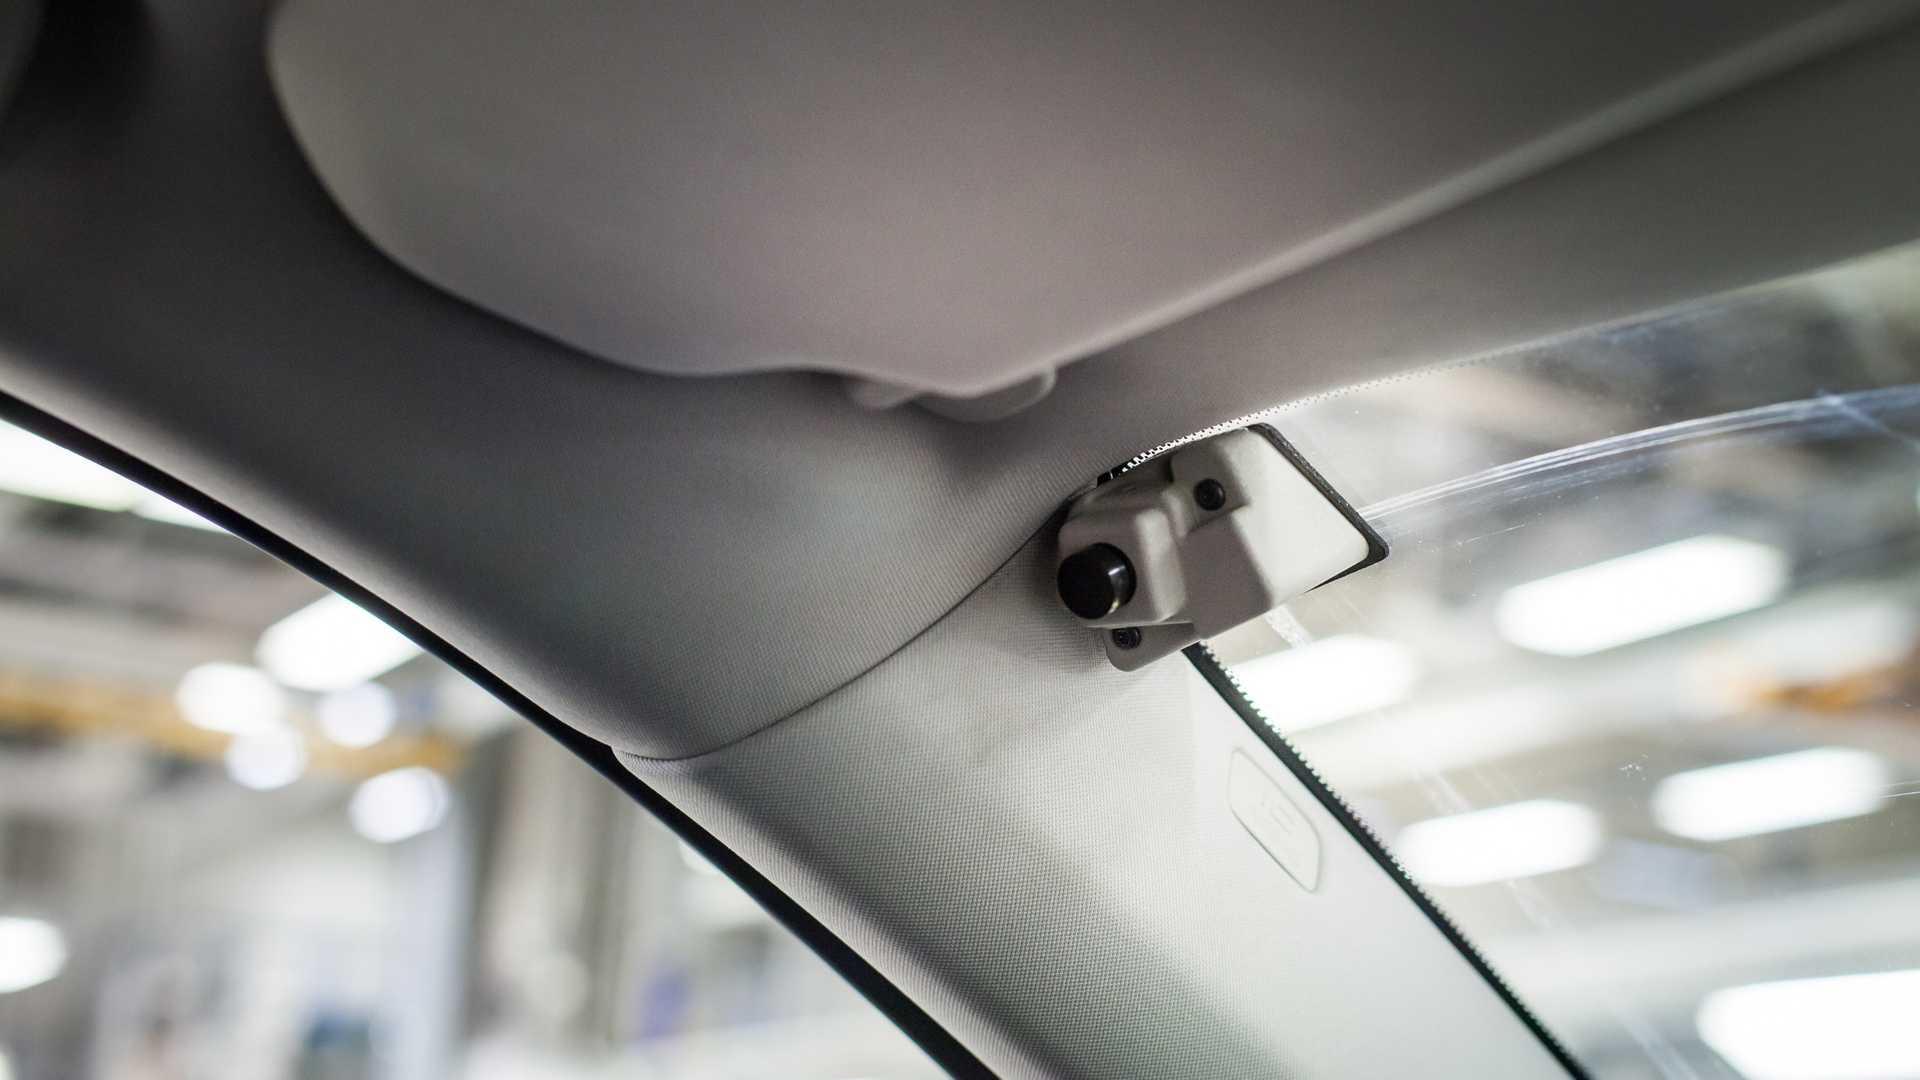 Камери кои го снимаат возачот: поголема безбедност или средство за шпионажа?